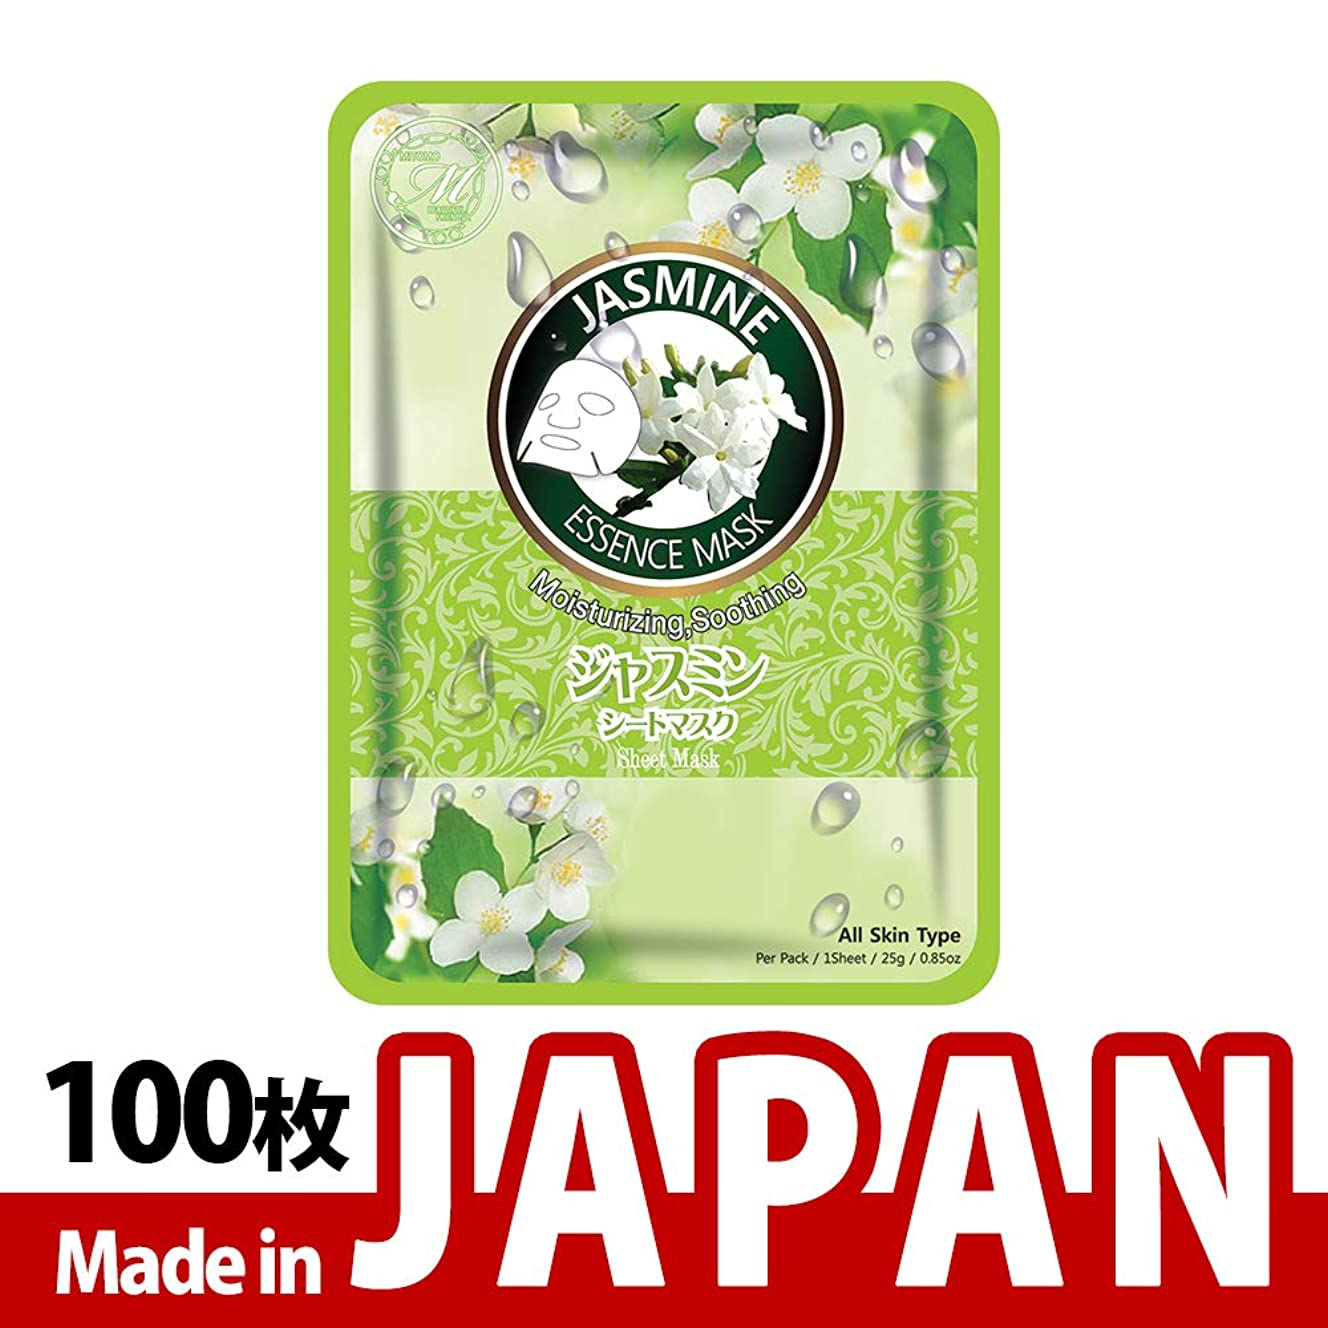 作業ミルク抽出【MT612-C-6】シートマスク/10枚入り/100枚/美容液/マスクパック/送料無料